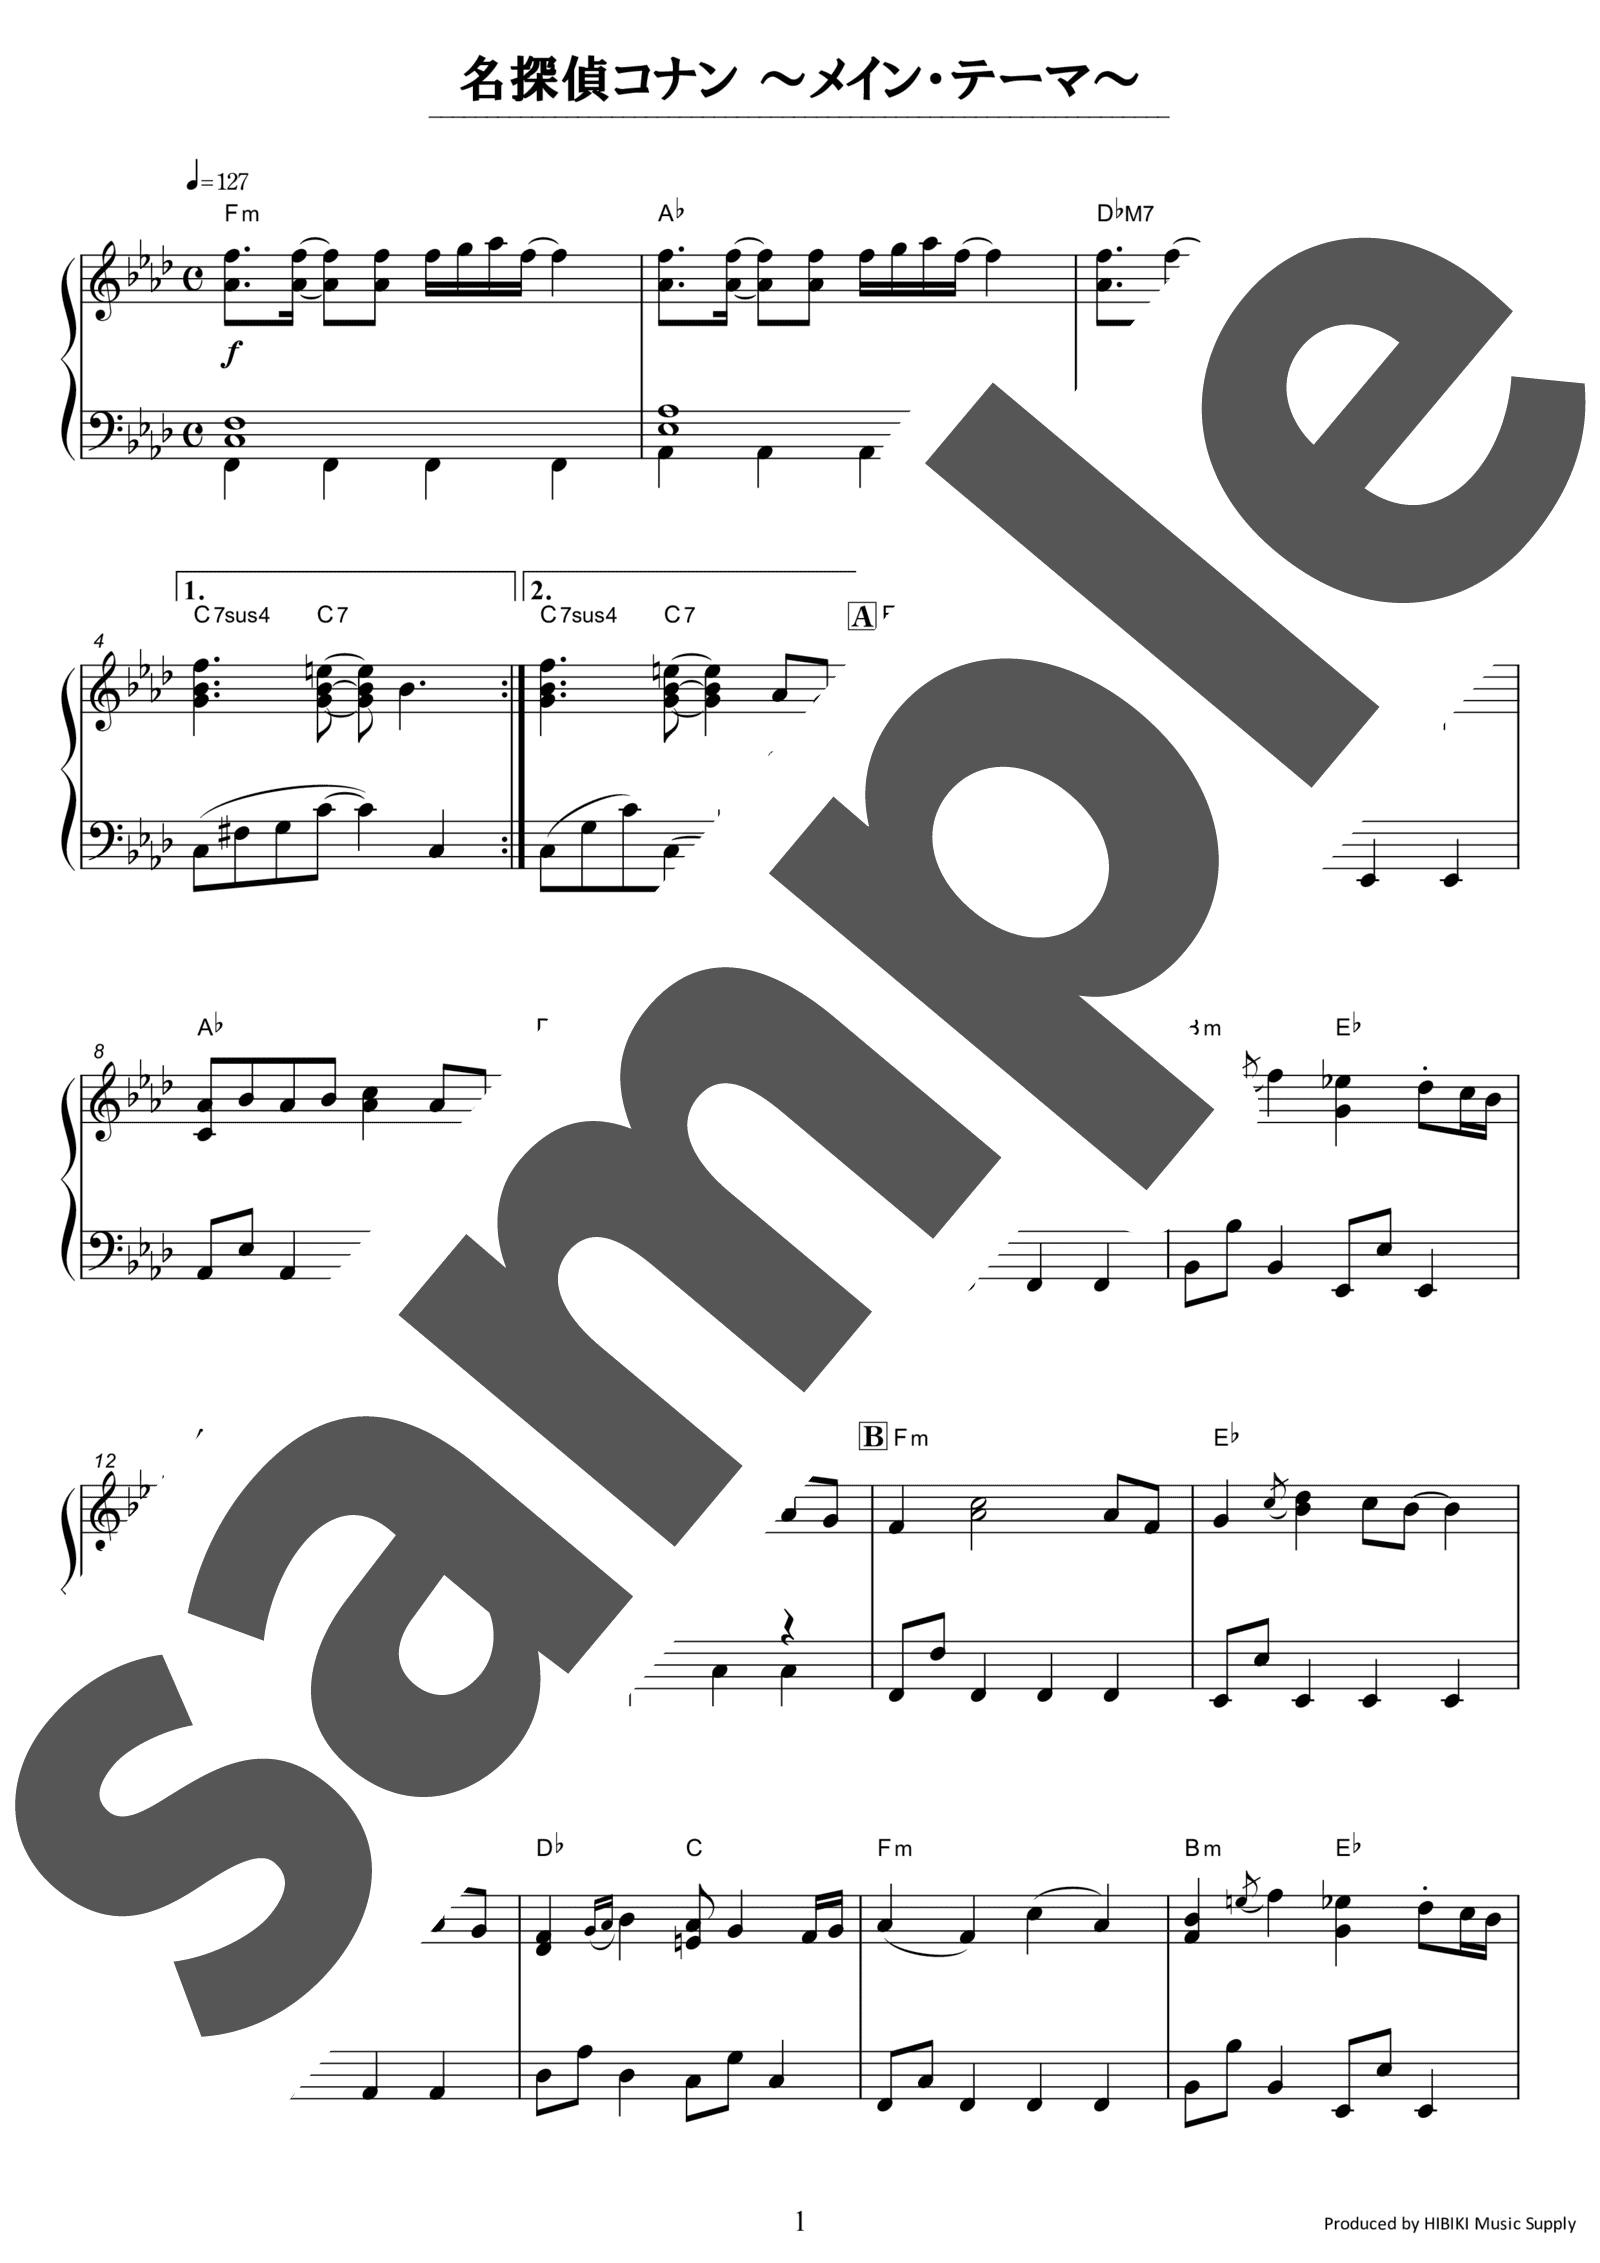 「「名探偵コナン」メイン・テーマ」のサンプル楽譜